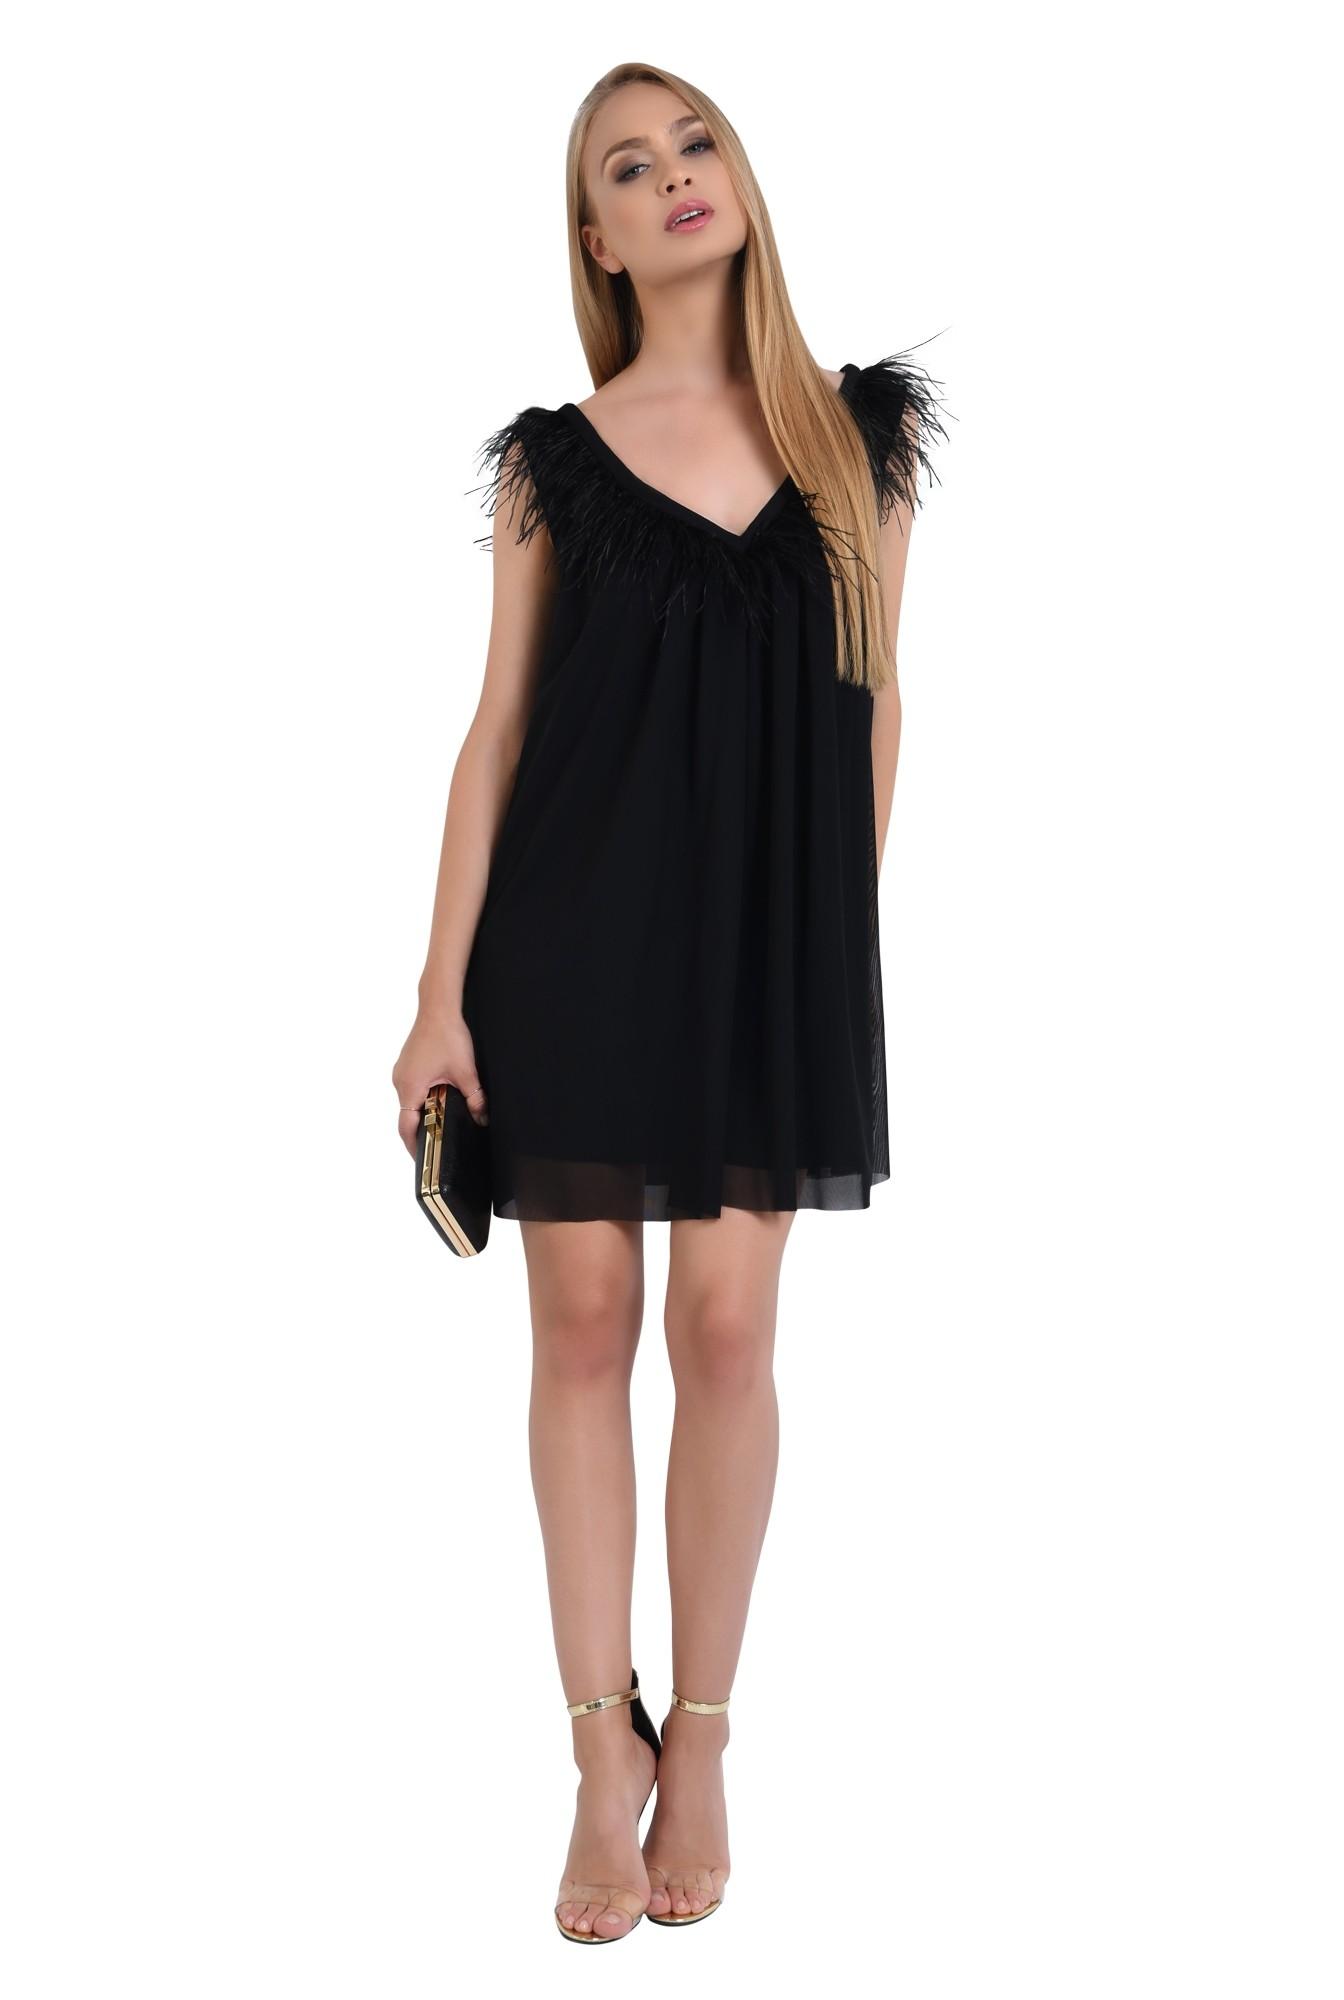 3 - 360 - rochie de seara scurta, tul negru, decolteu cu pene